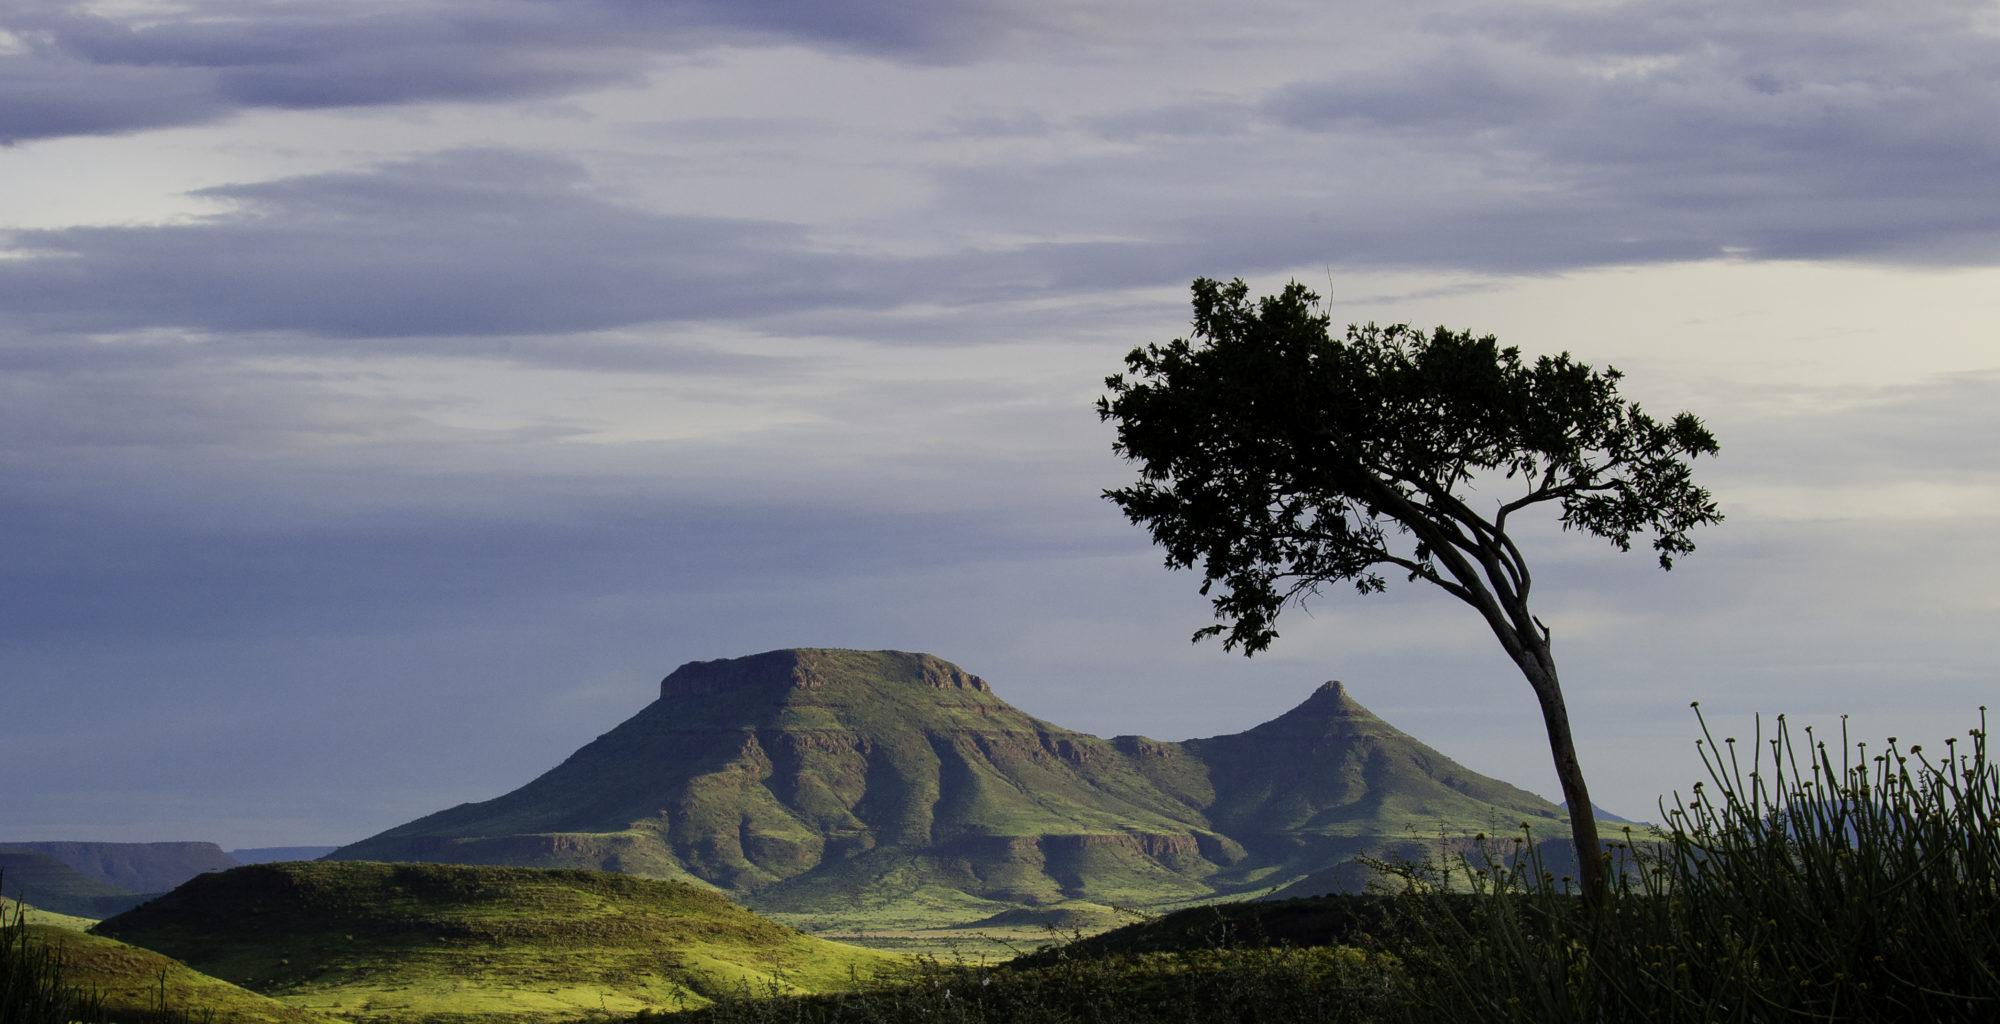 Namibia-Damaraland-Landscape